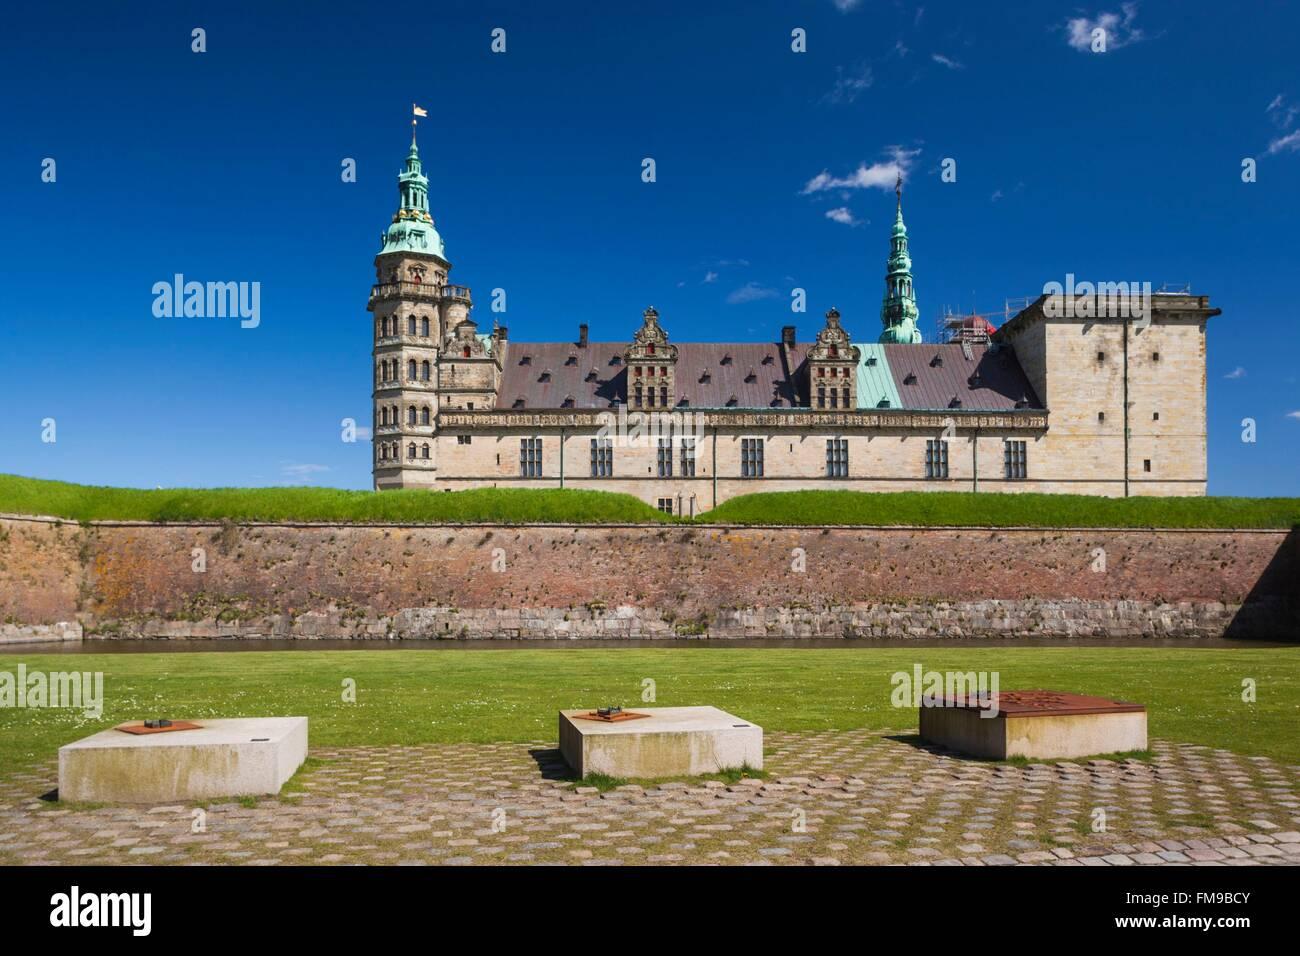 Denmark, Zealand, Helsingor, Kronborg Castle, also known as Elsinore Castle, from Shakespeare's Hamlet - Stock Image